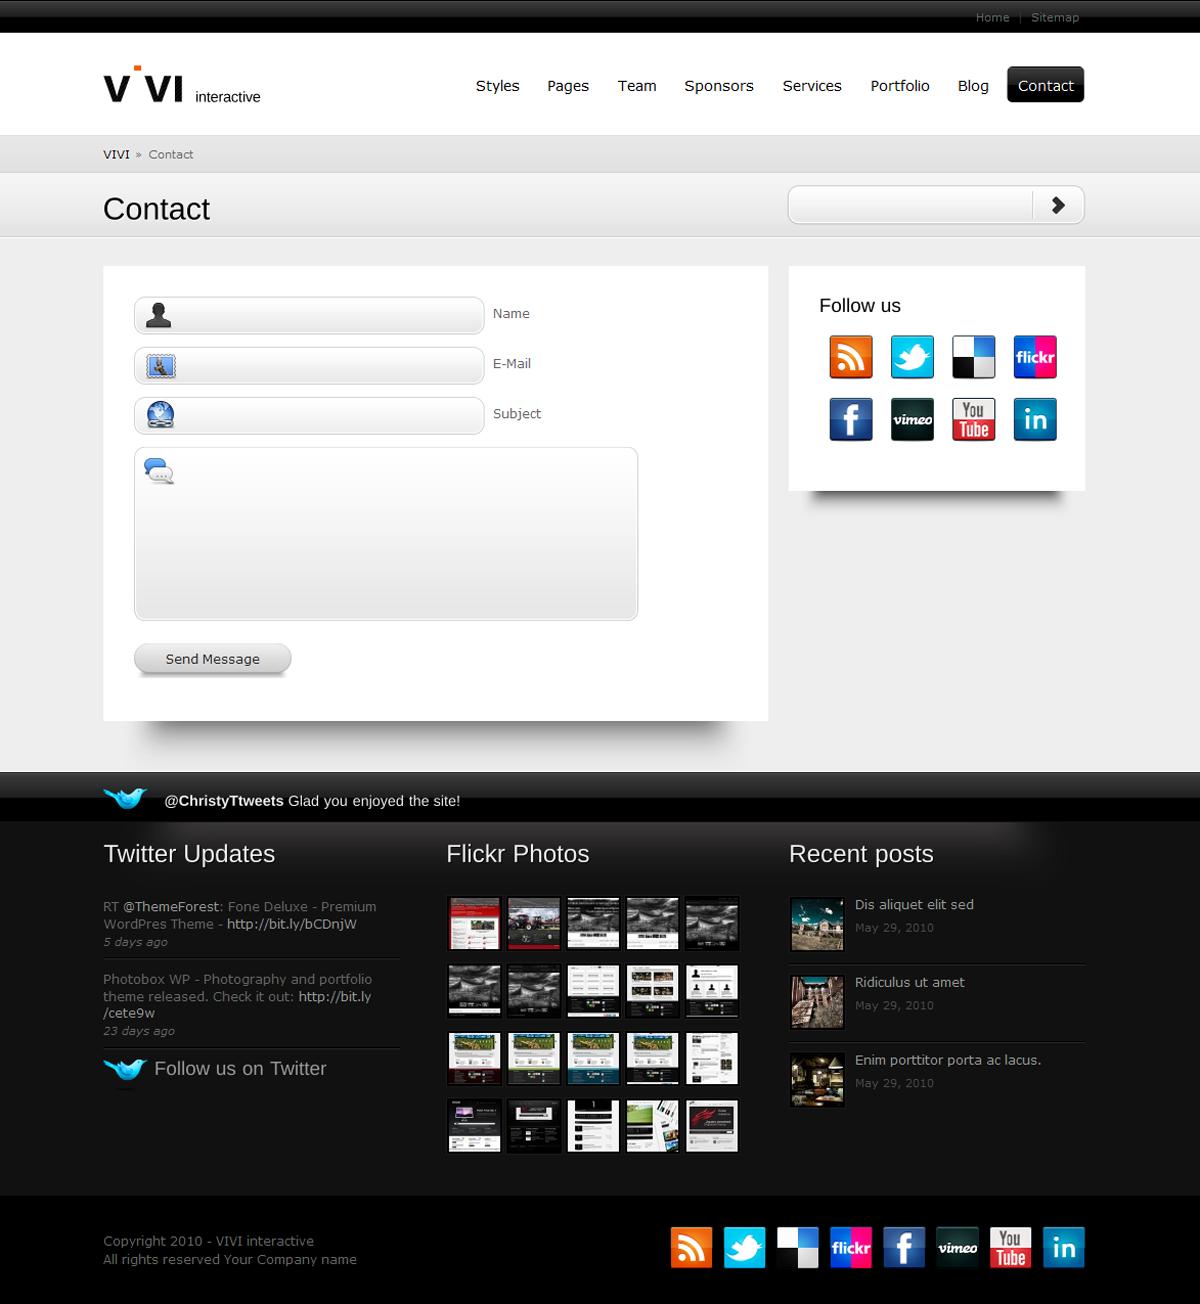 VIVI Theme - WP version